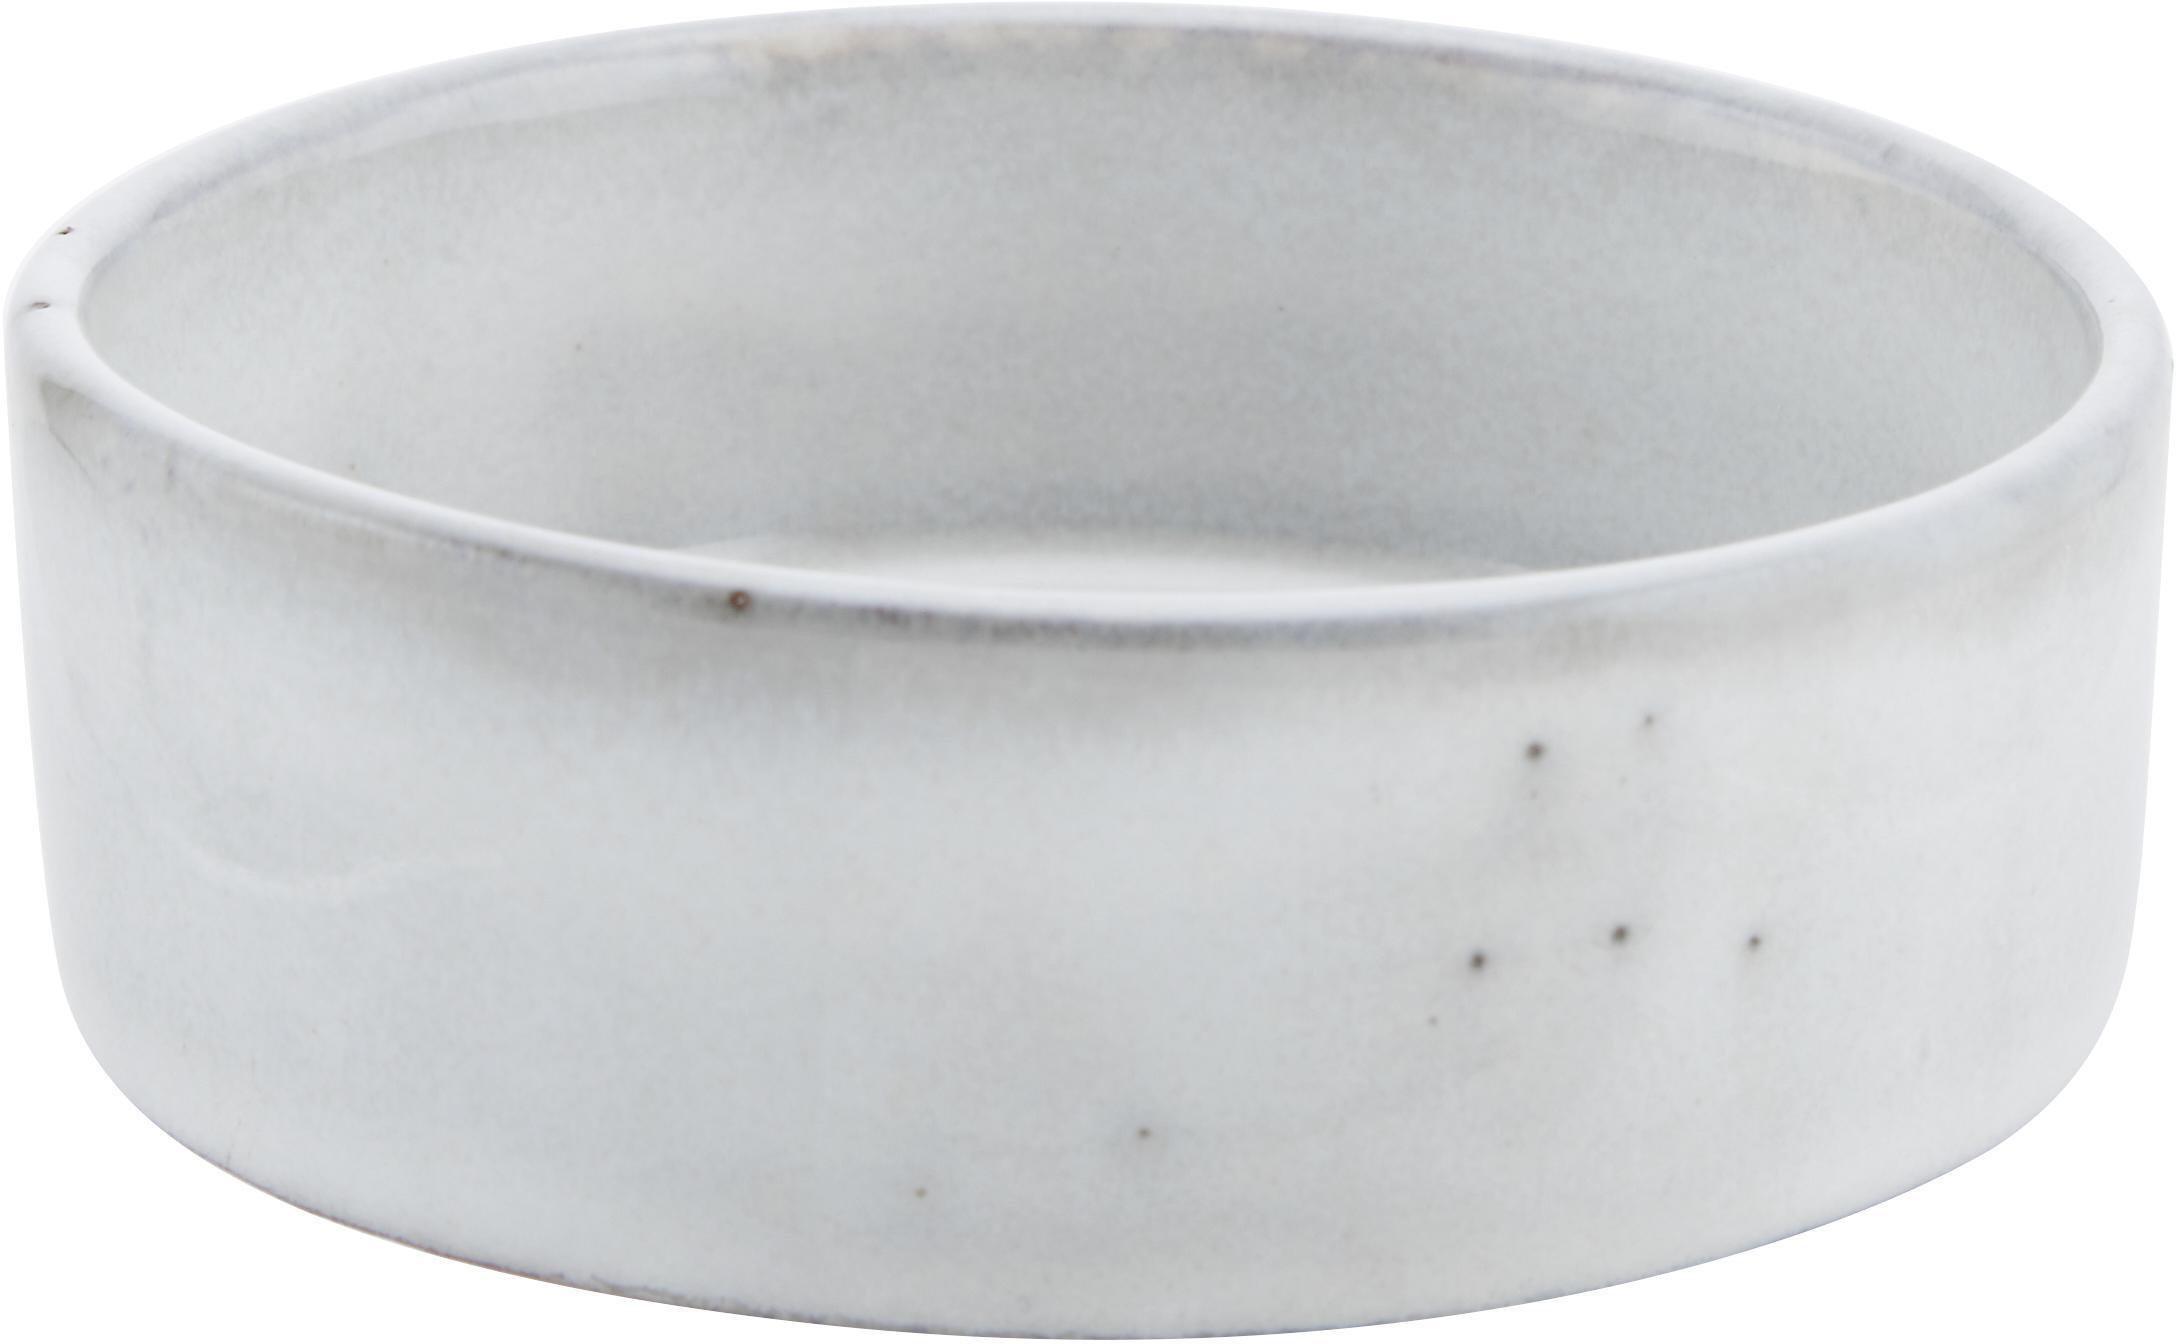 Handgemachte Dipschalen Nordic Sand aus Steingut, 4 Stück, Steingut, Sandfarben, Ø 8 x H 3 cm